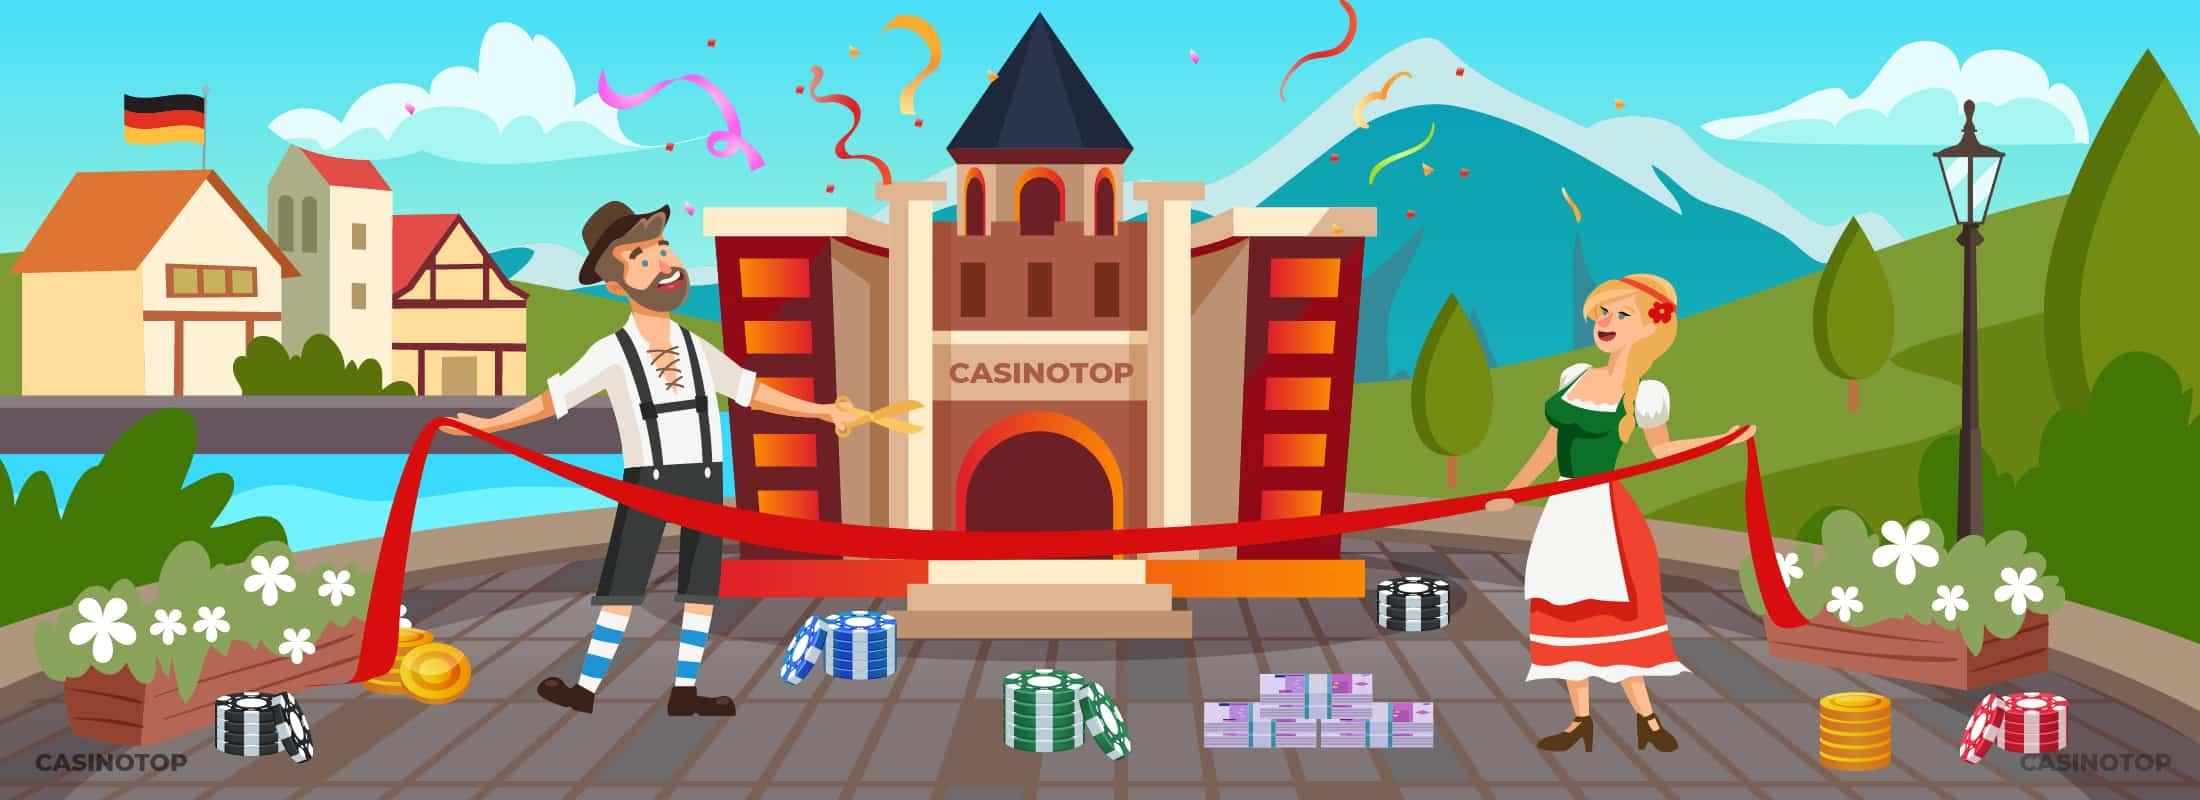 Neue Online Casinos | CasinoTop Deutschland